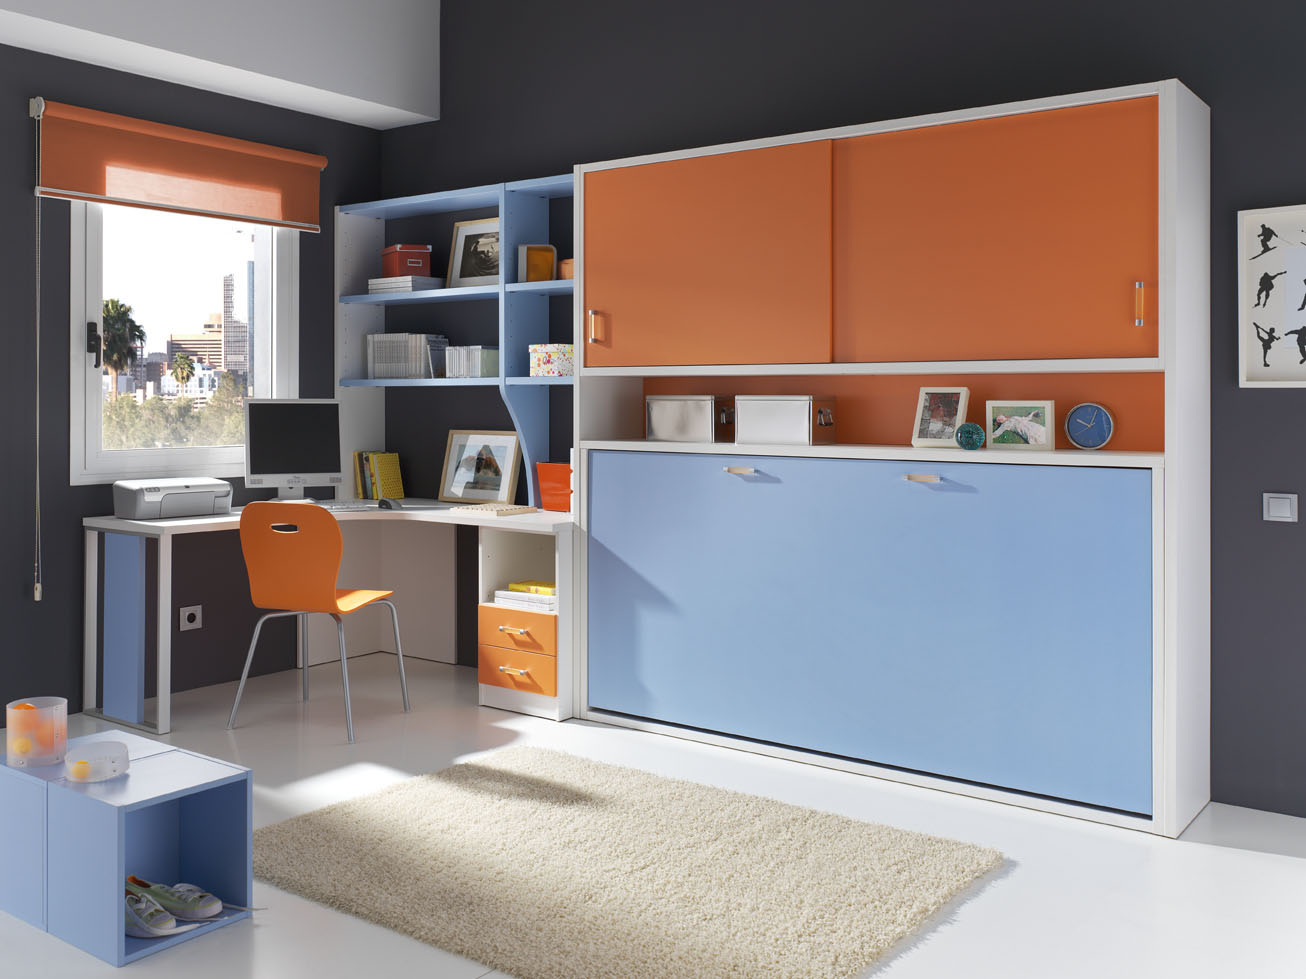 mueble espacio bao muebles de bao reducidos gratos